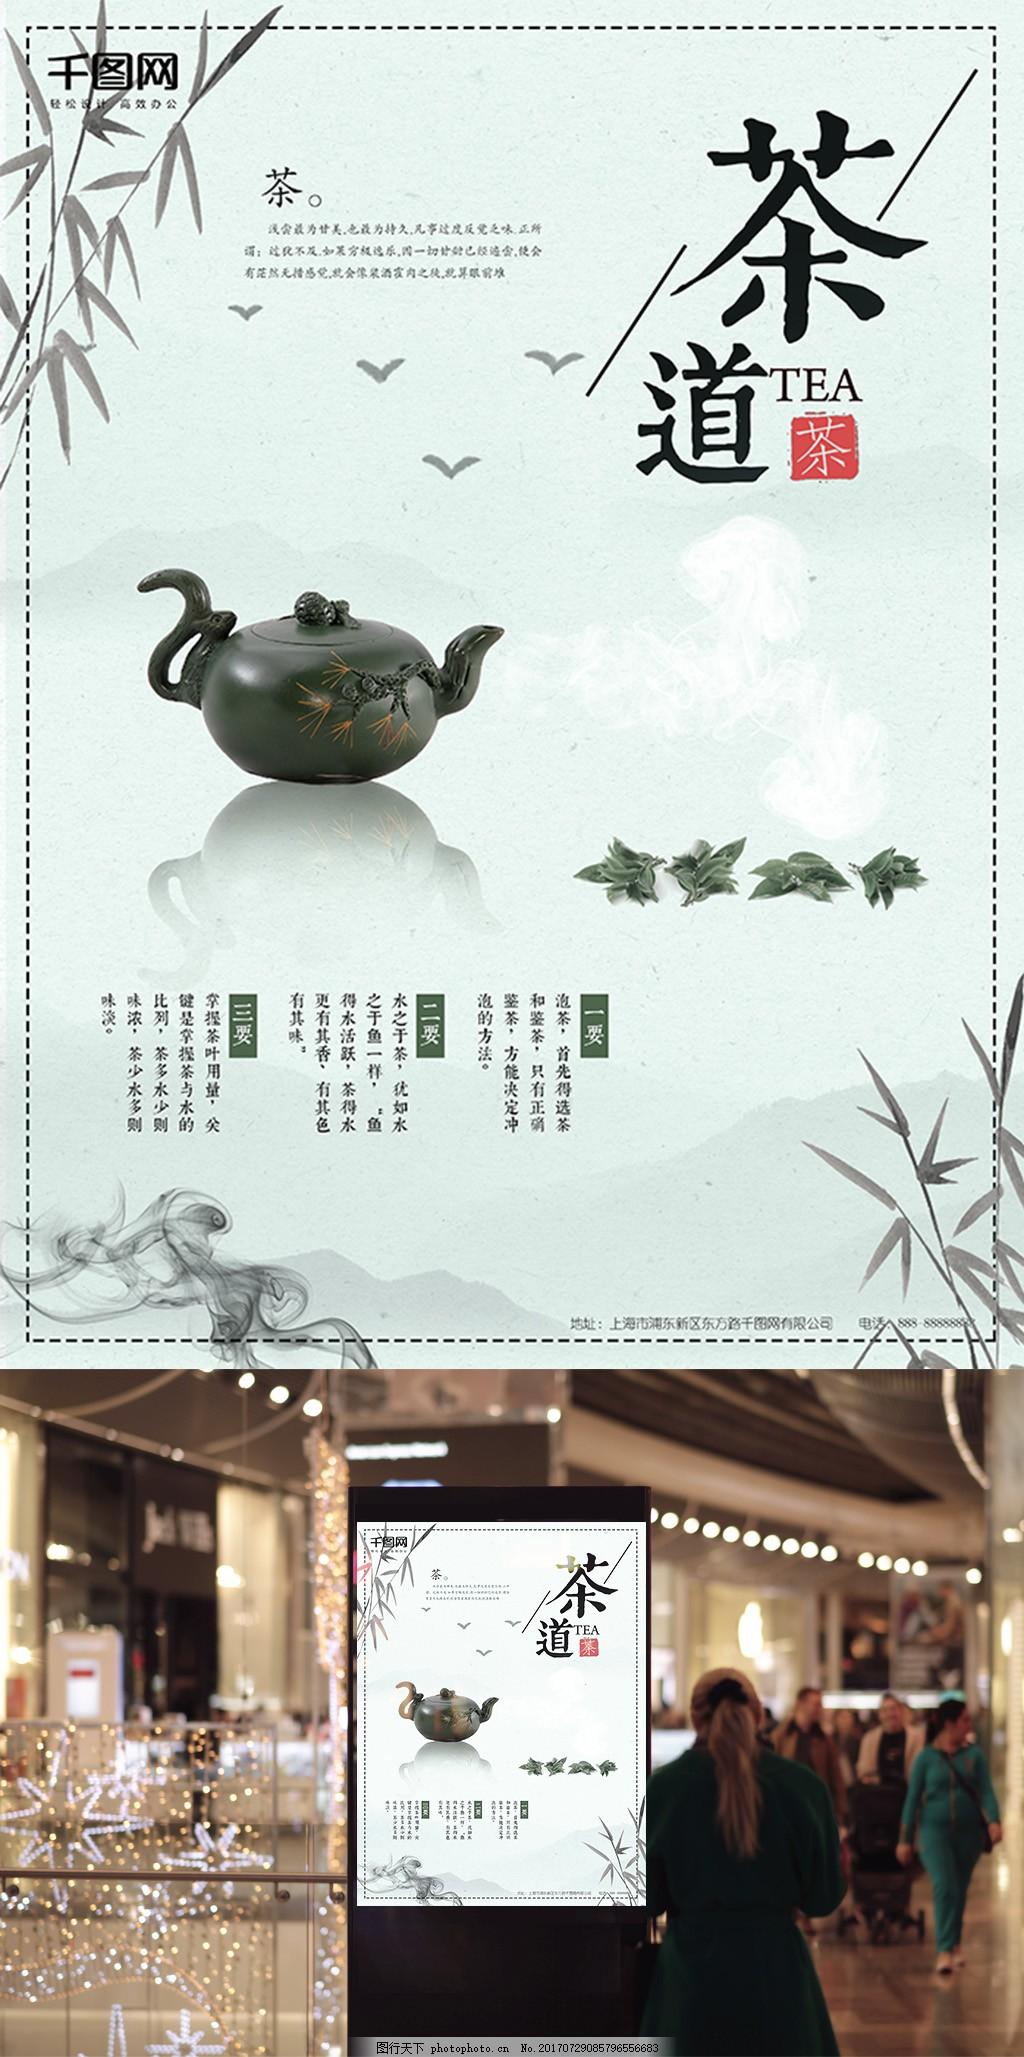 禅意中国风茶叶新茶上市促销海报设计模板 茶叶展架 茶叶海报 茶叶宣传单